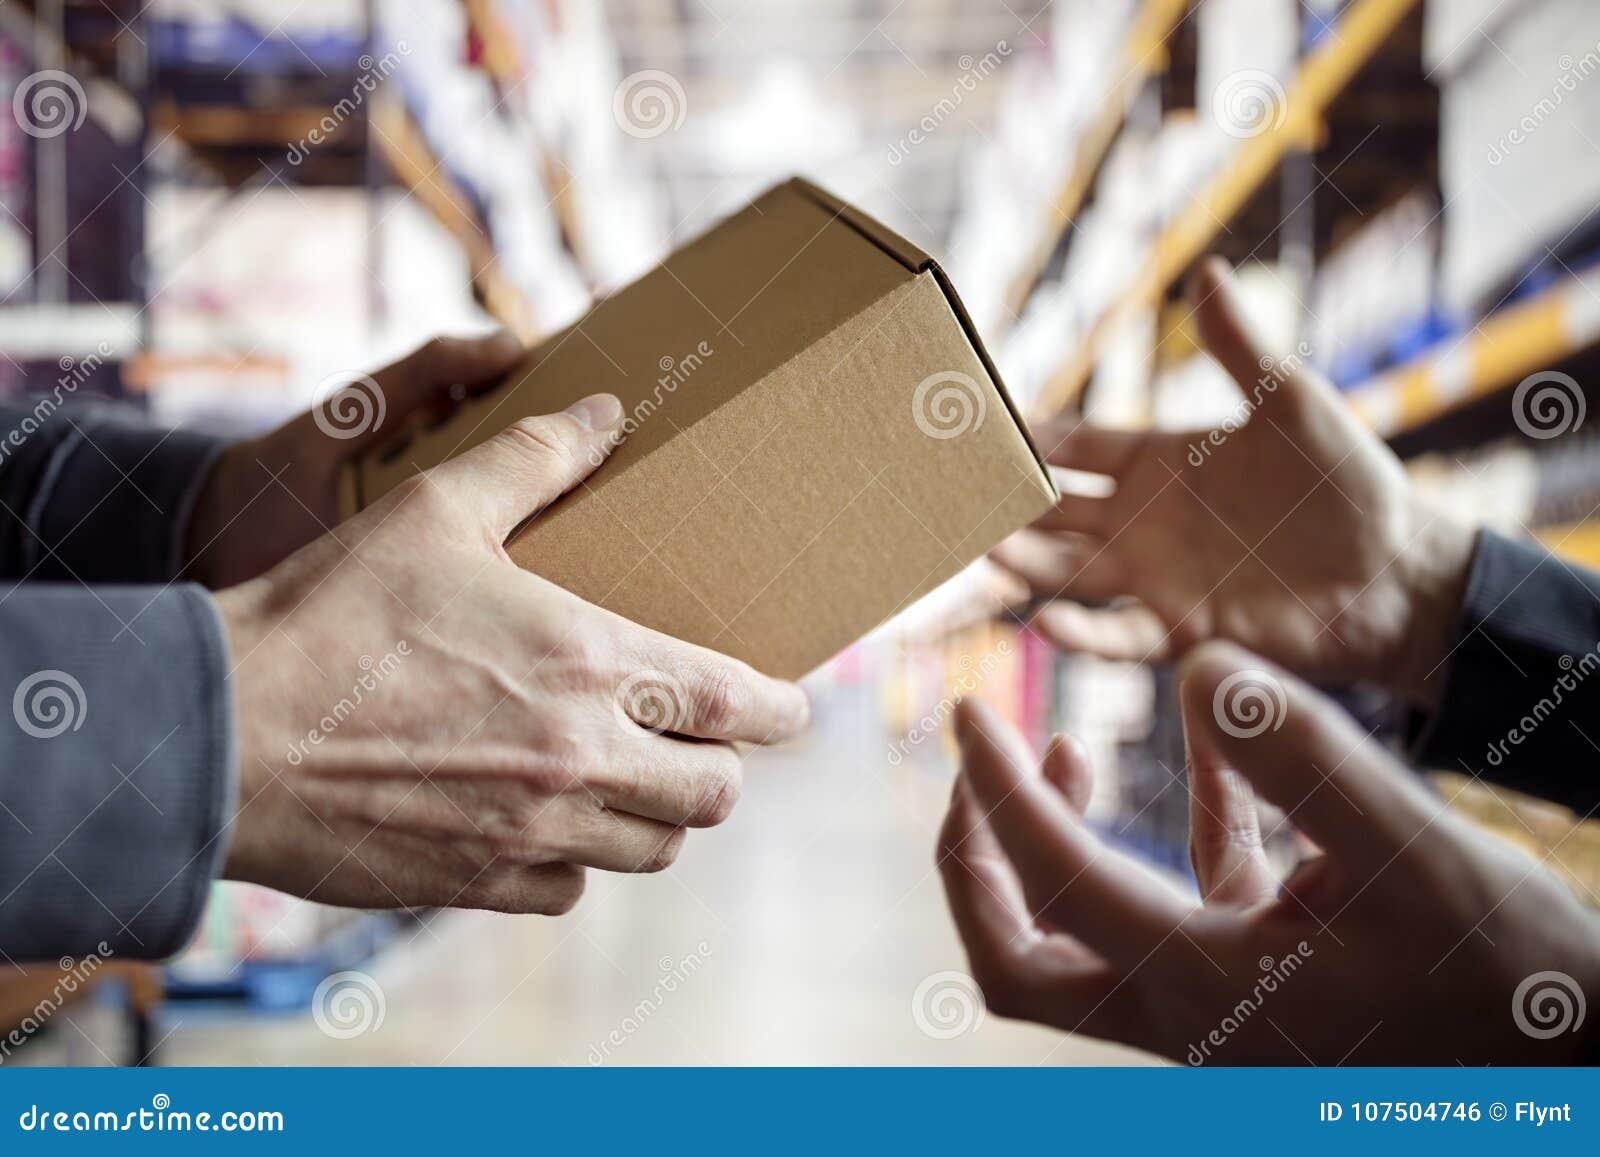 Trabajador con el paquete en un almacén de distribución